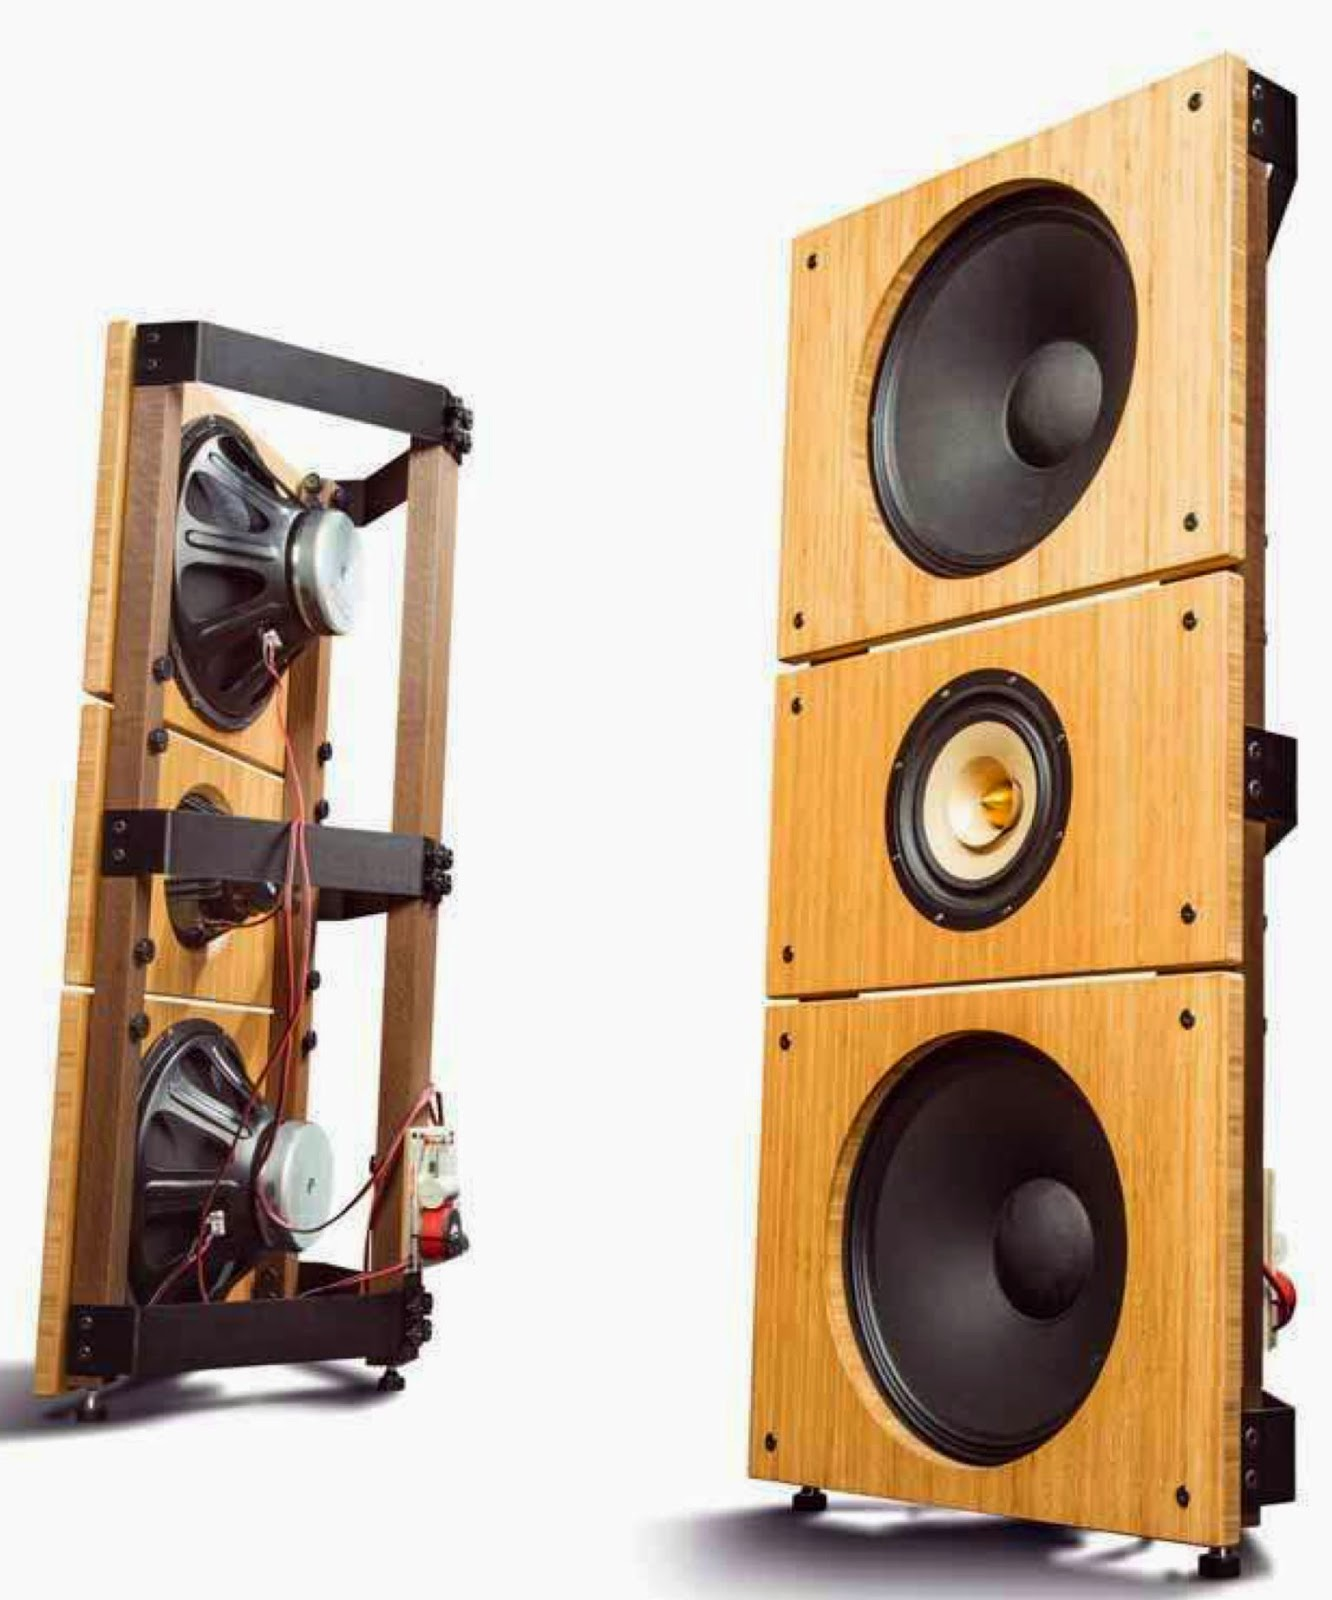 2a3 maniac kleiner nachschlag zu open baffle keine angst vorm akustischen kurzschluss. Black Bedroom Furniture Sets. Home Design Ideas